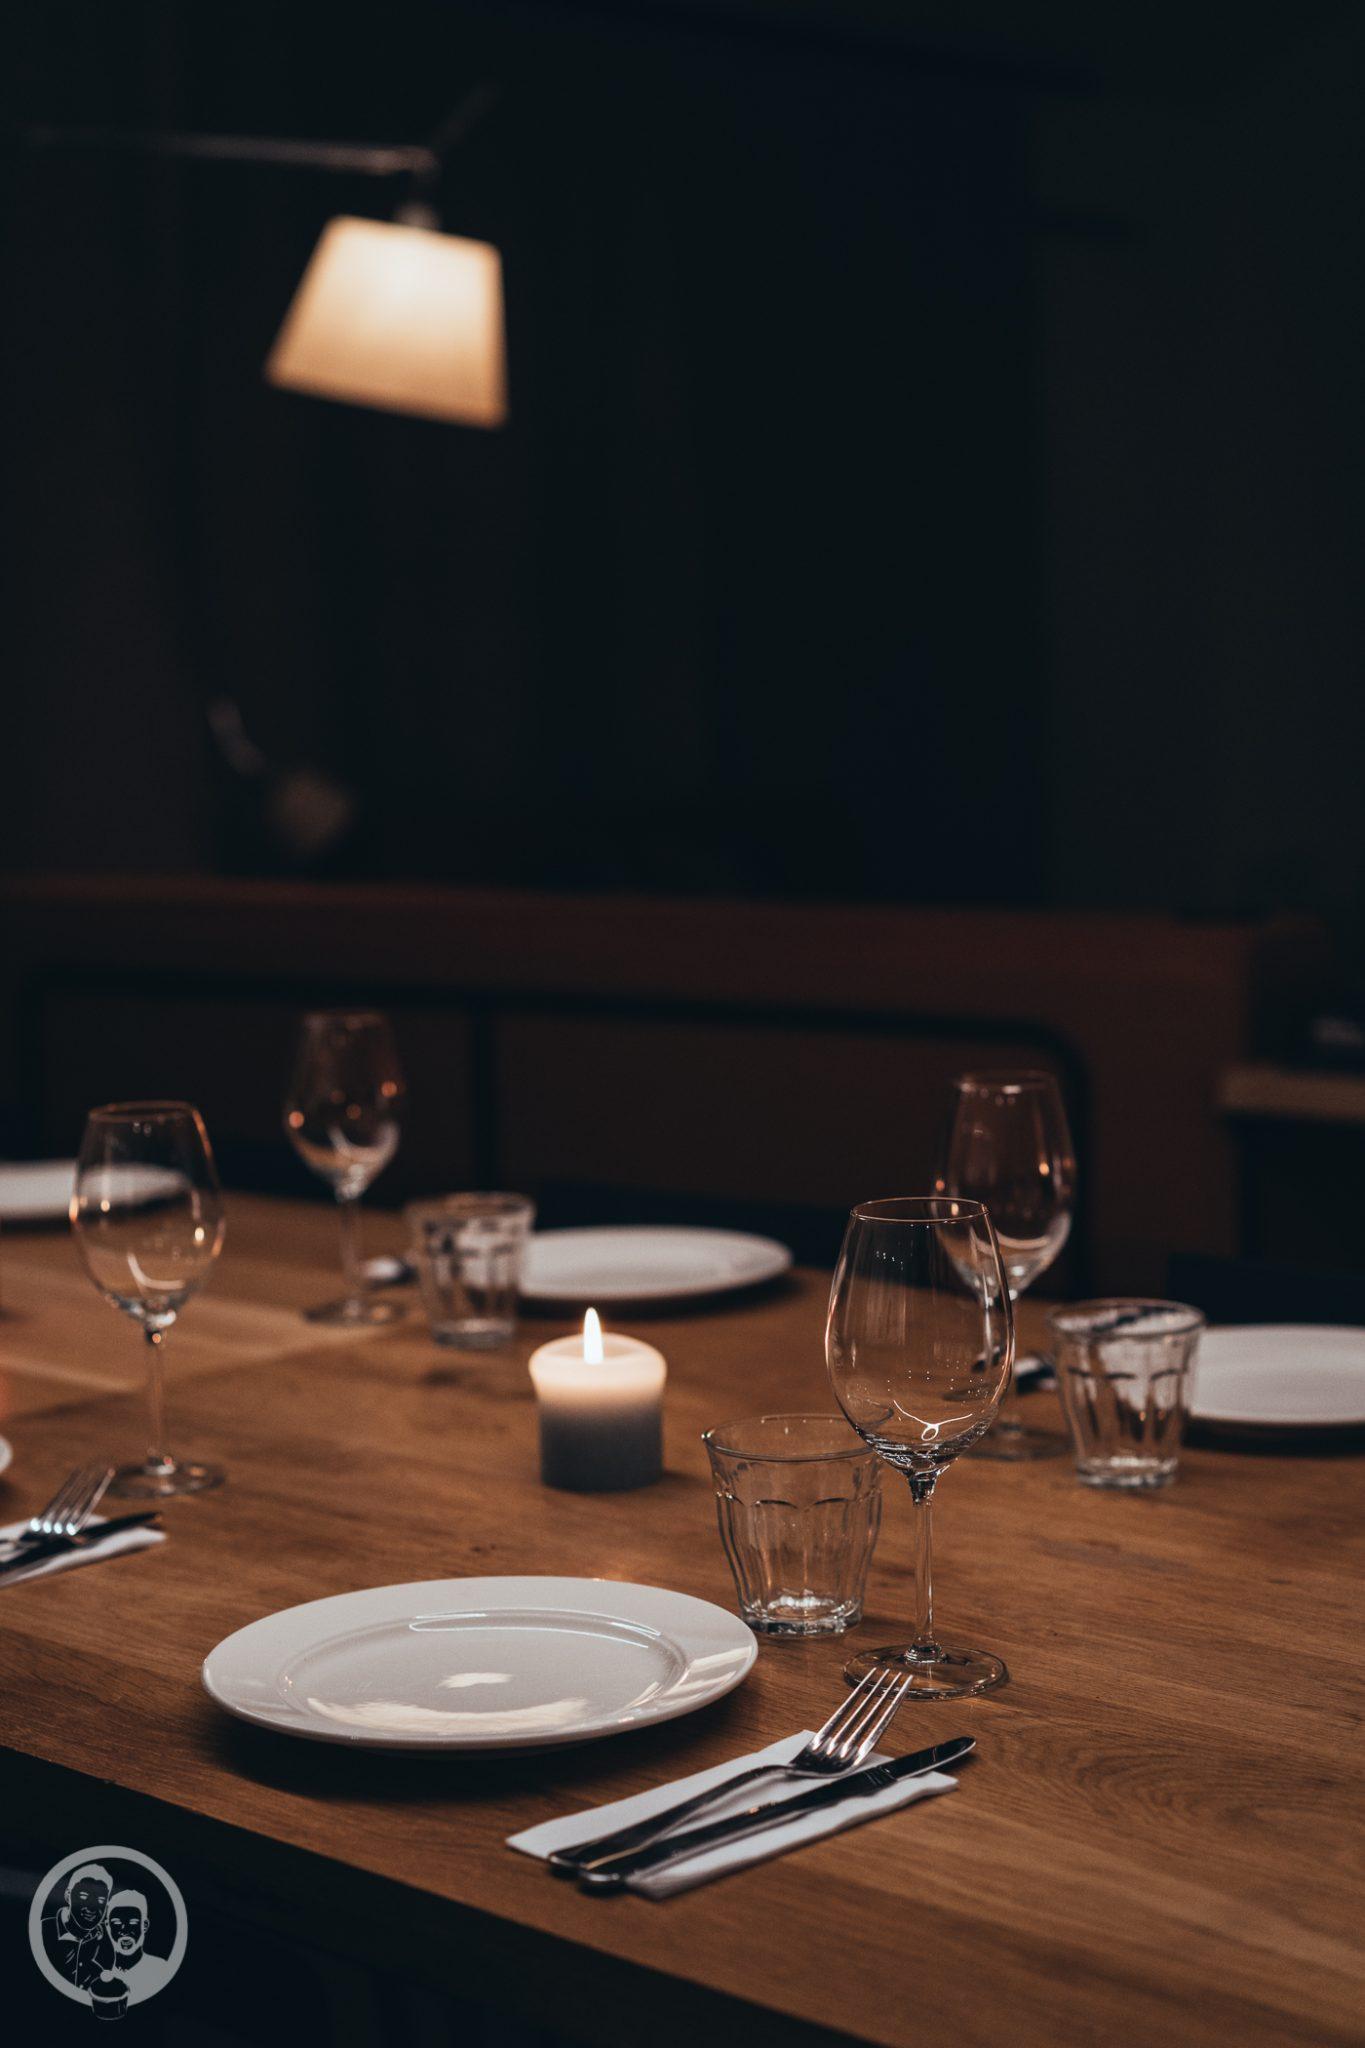 foodbloghouse nl 1 | Heute schreibe ich euch aus unserem Food.Blog.House. in den Niederlanden. Hier verbringen wir ein Wochenende mit liebgewonnen Foodblogger-Kollegen und wir verwöhnen uns selber mit einem 10-Gänge-Menü! Wir sind für den Fischgang zuständig und haben lange getüftelt über unser Gericht für diesen besonderen Tag. In Gin gebeizter Thunfisch mit Wasabipüree und Pak Choi - klingt doch nach einer guten Wahl, oder?!